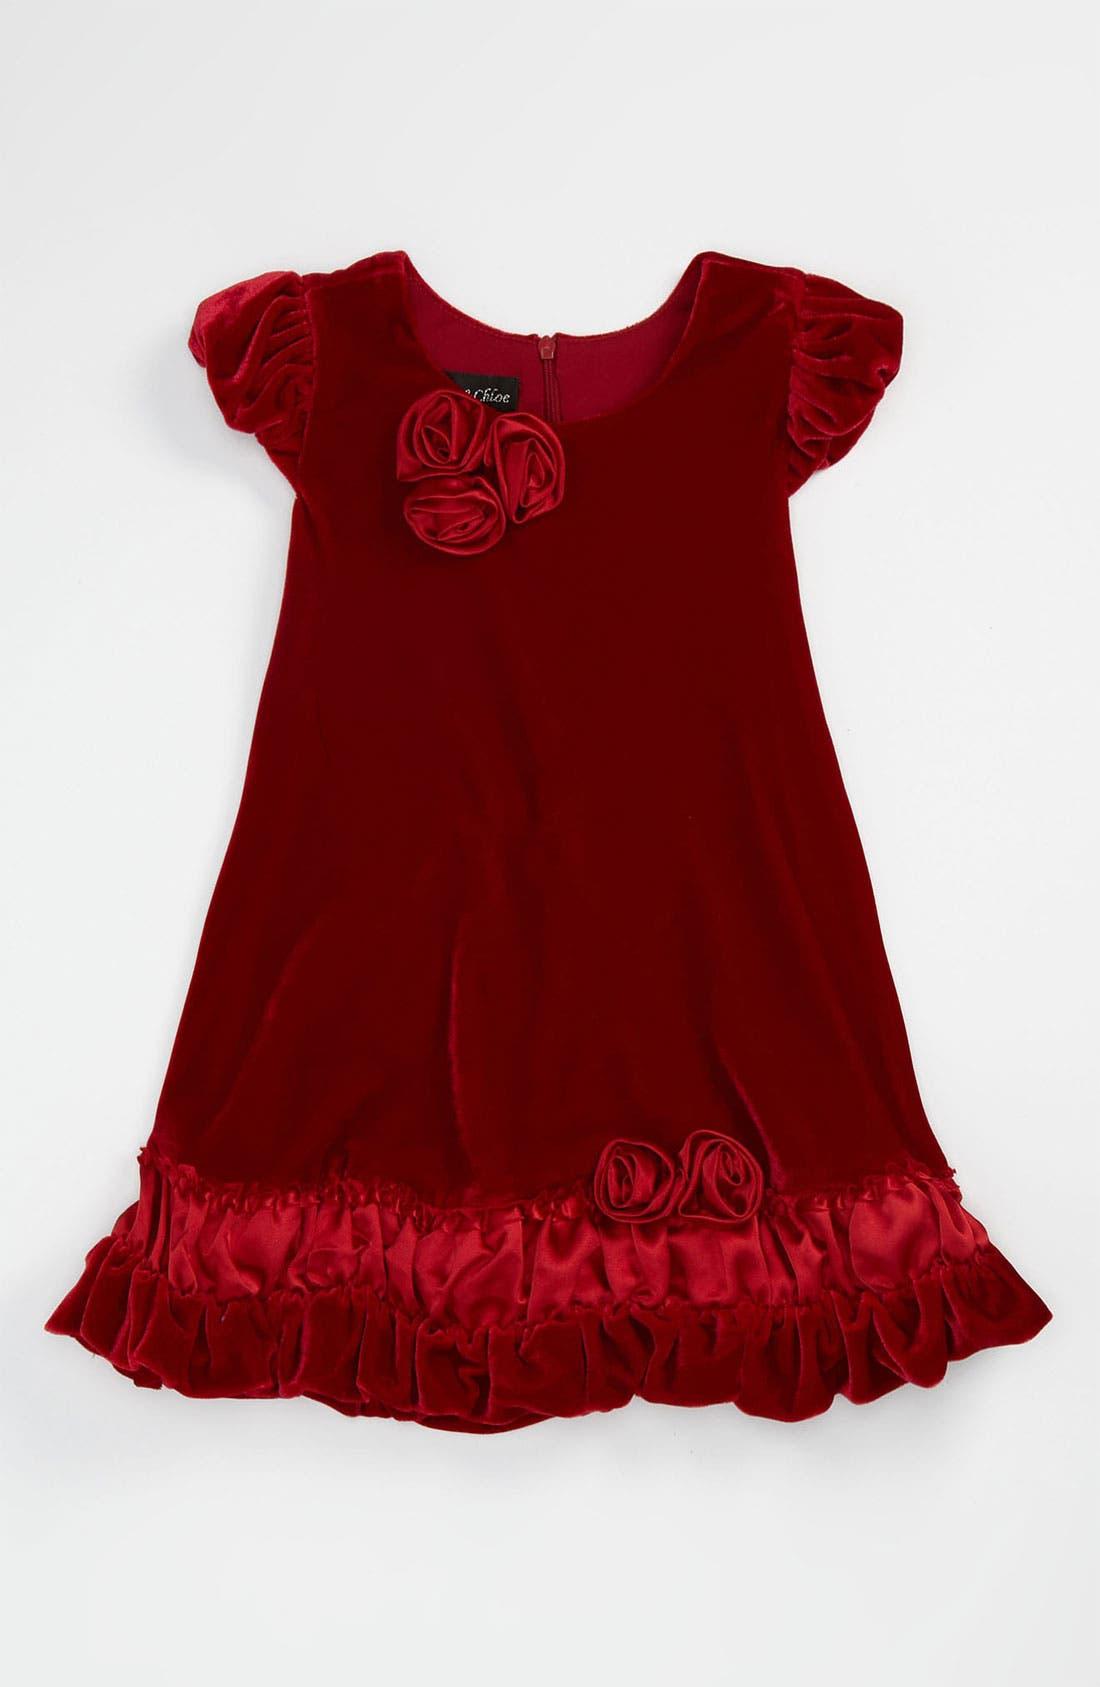 Alternate Image 1 Selected - Isobella & Chloe Velvet Dress (Toddler)